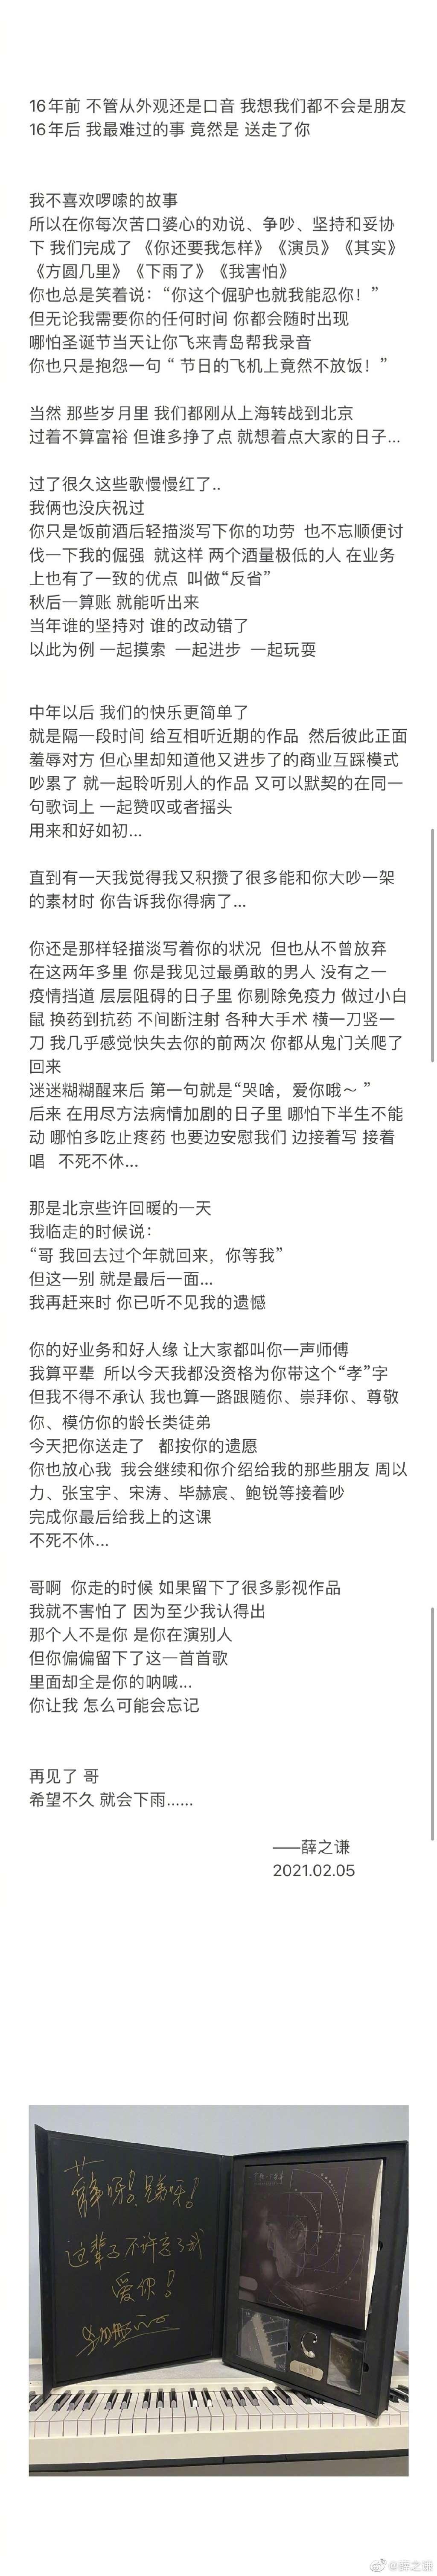 薛之谦发长文悼念赵英俊:你是我见过最勇敢的男人_明星新闻